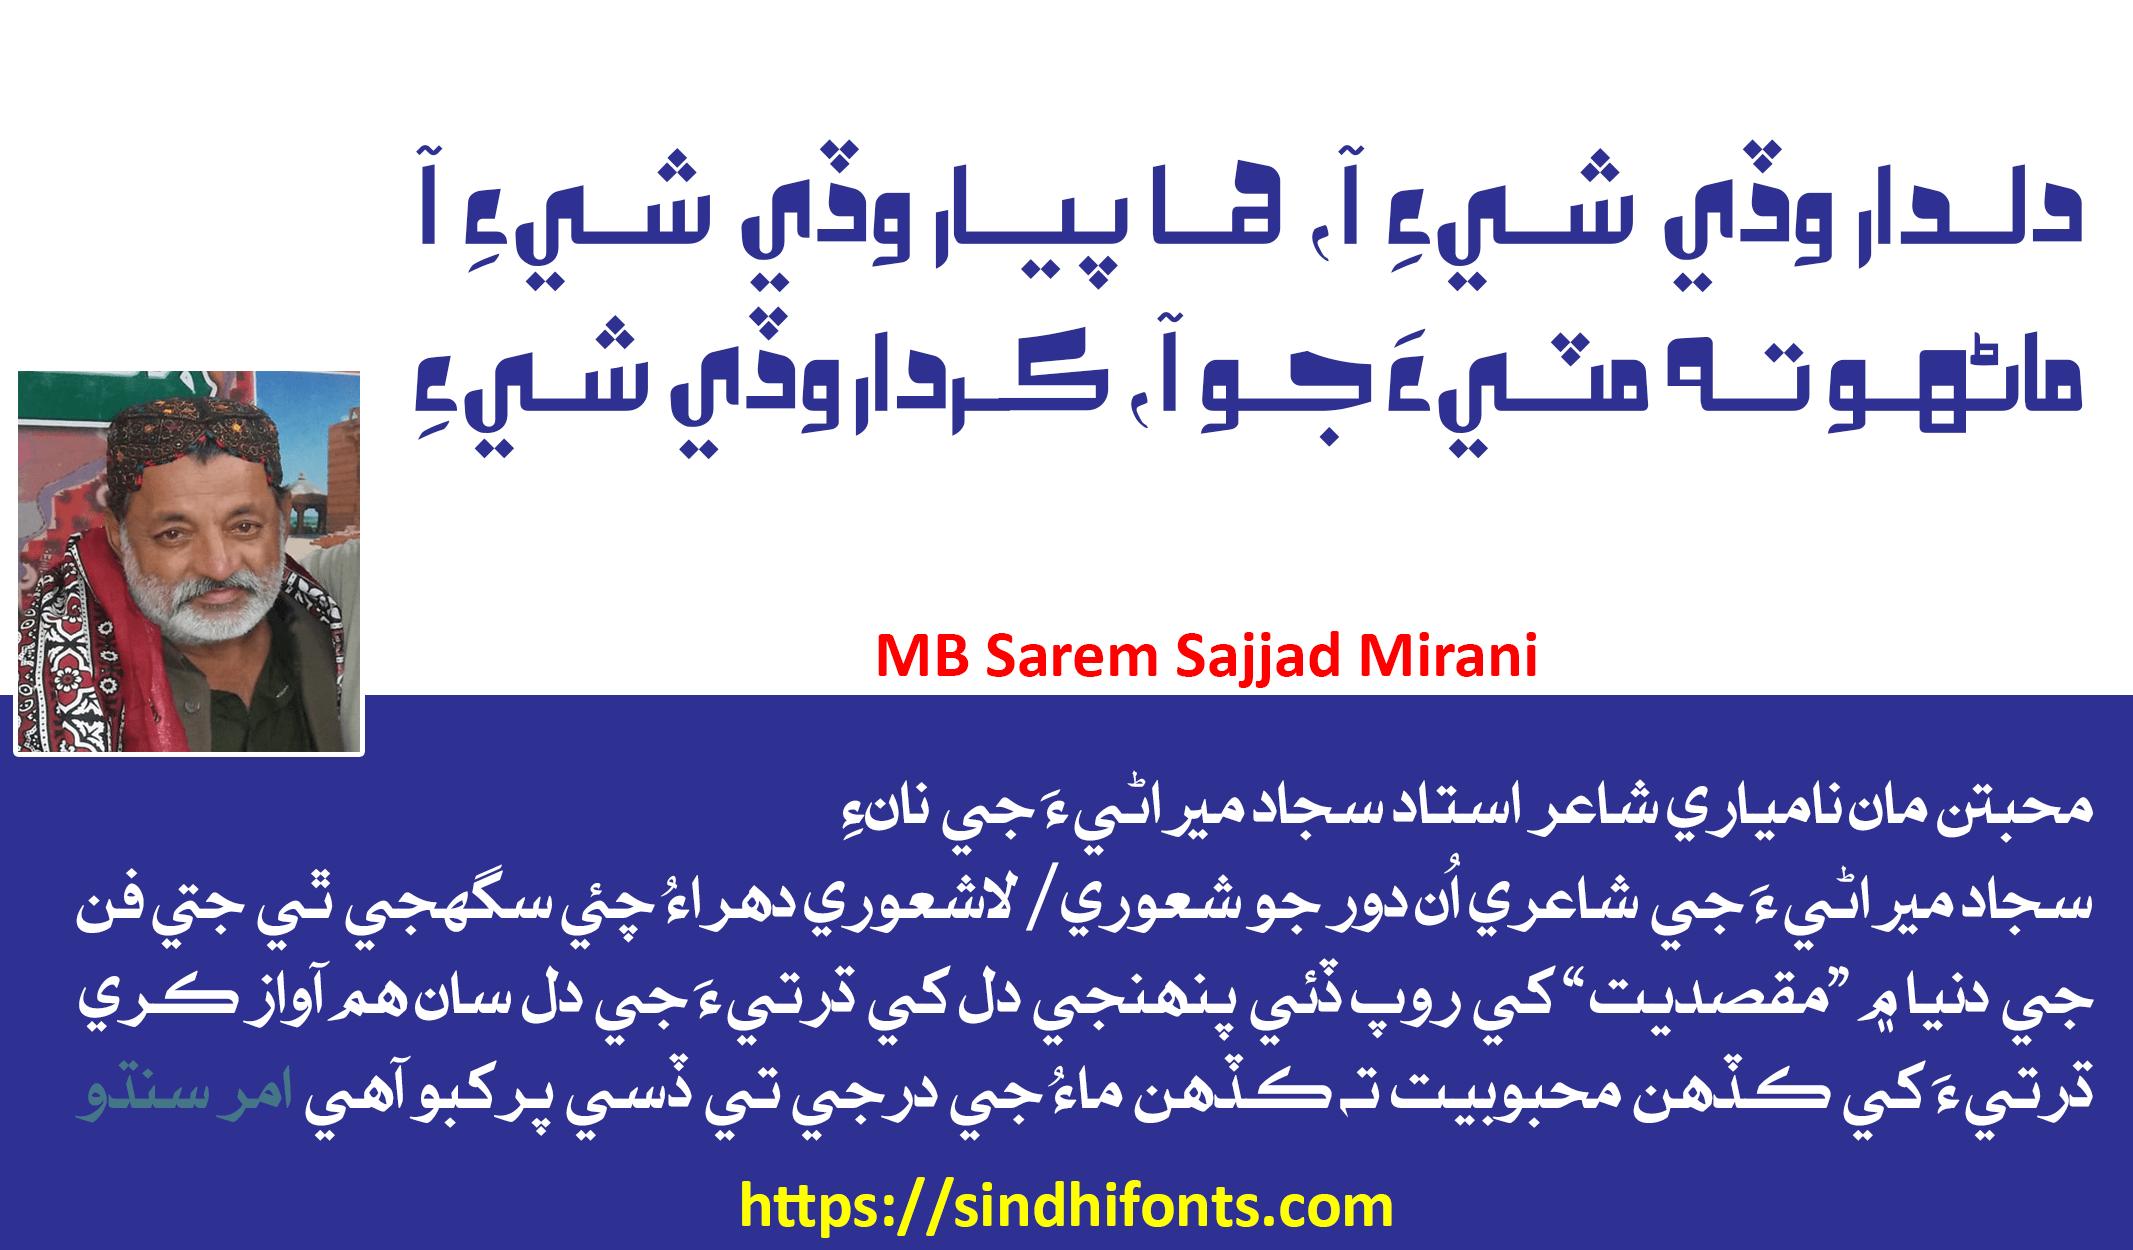 Sarem Sajjad Mirani